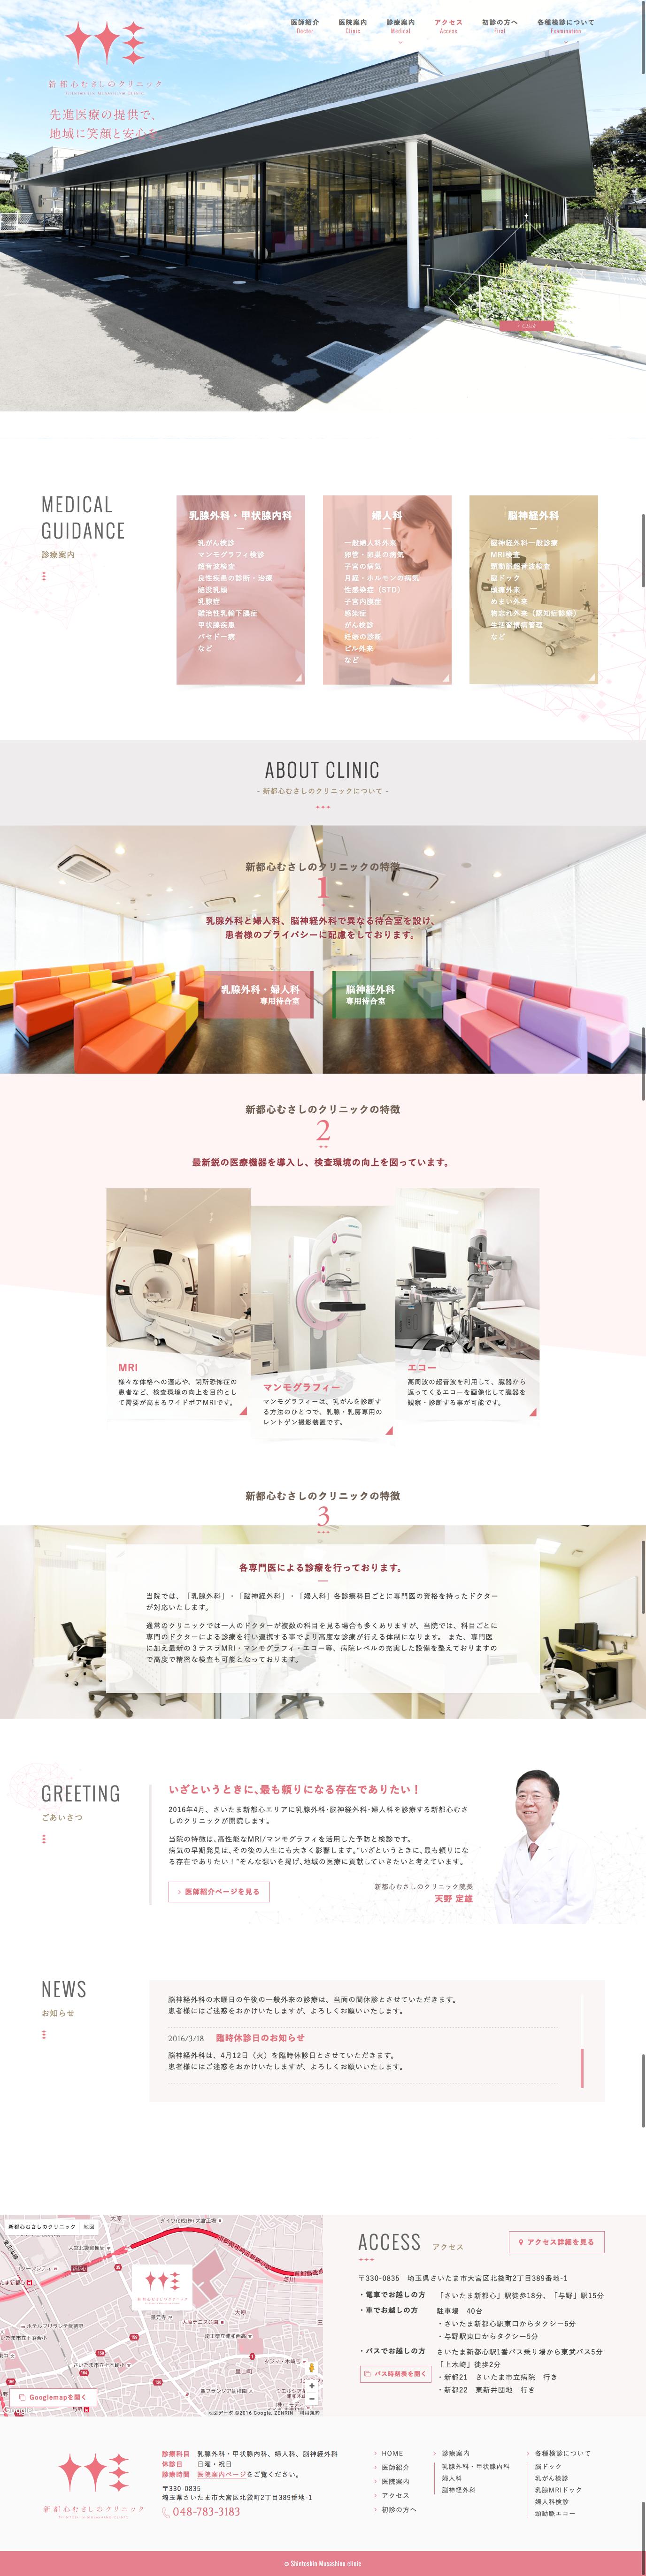 新都心むさしのクリニック ピンク 病院 癒し かわいい 医療デザイン Wordpress デザイン Hp デザイン